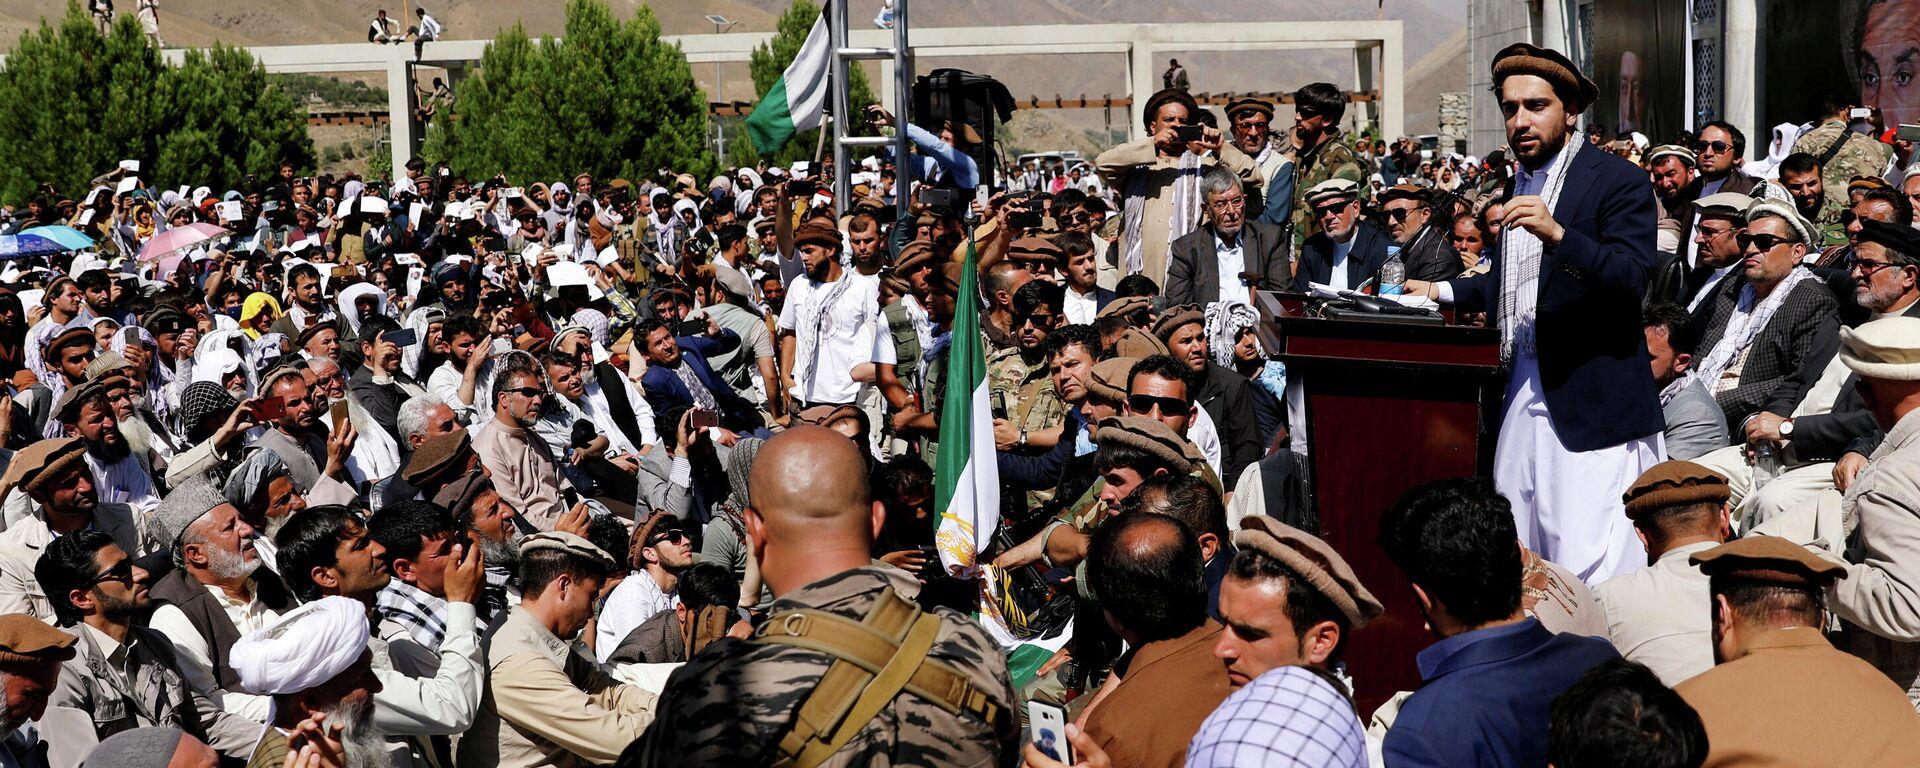 Лидер афганского сопротивления Ахмад Масуд (справа) обращается к сторонникам в провинции Панджшер - Sputnik Латвия, 1920, 06.09.2021